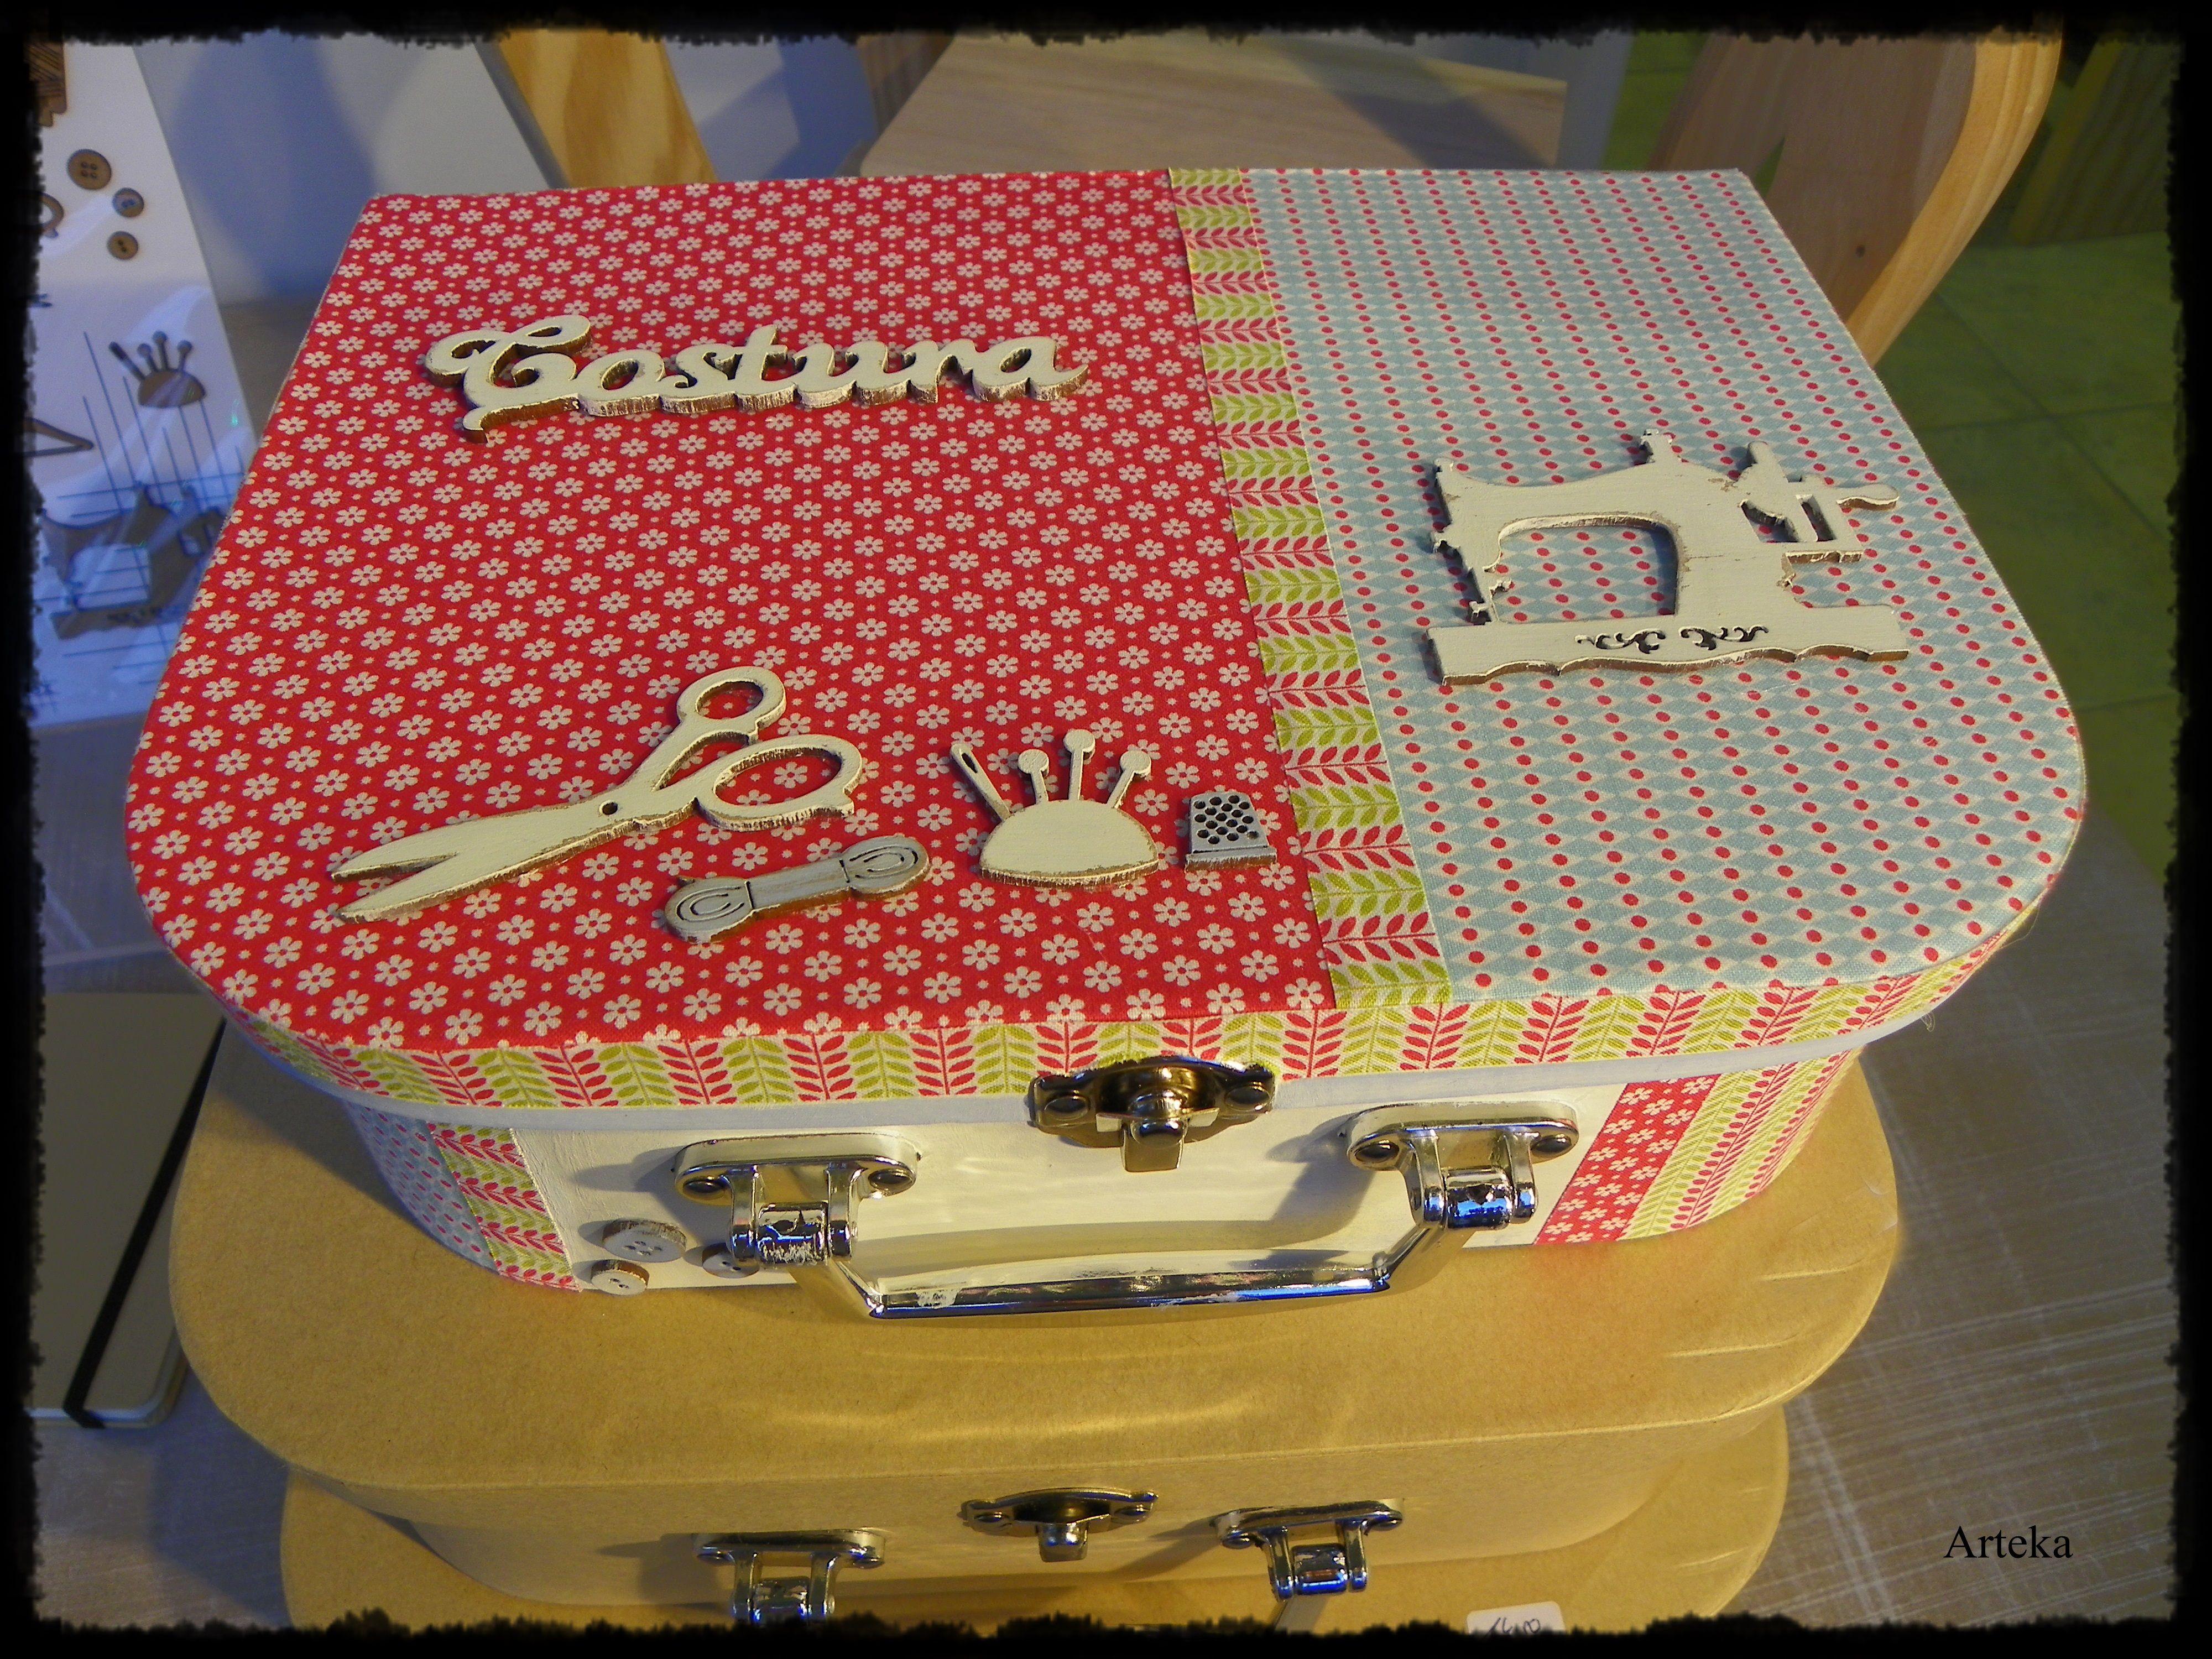 Caja malet n de papel mache decorada con telas adhesivas y aplicaciones de dm decorados en - Telas adhesivas ...